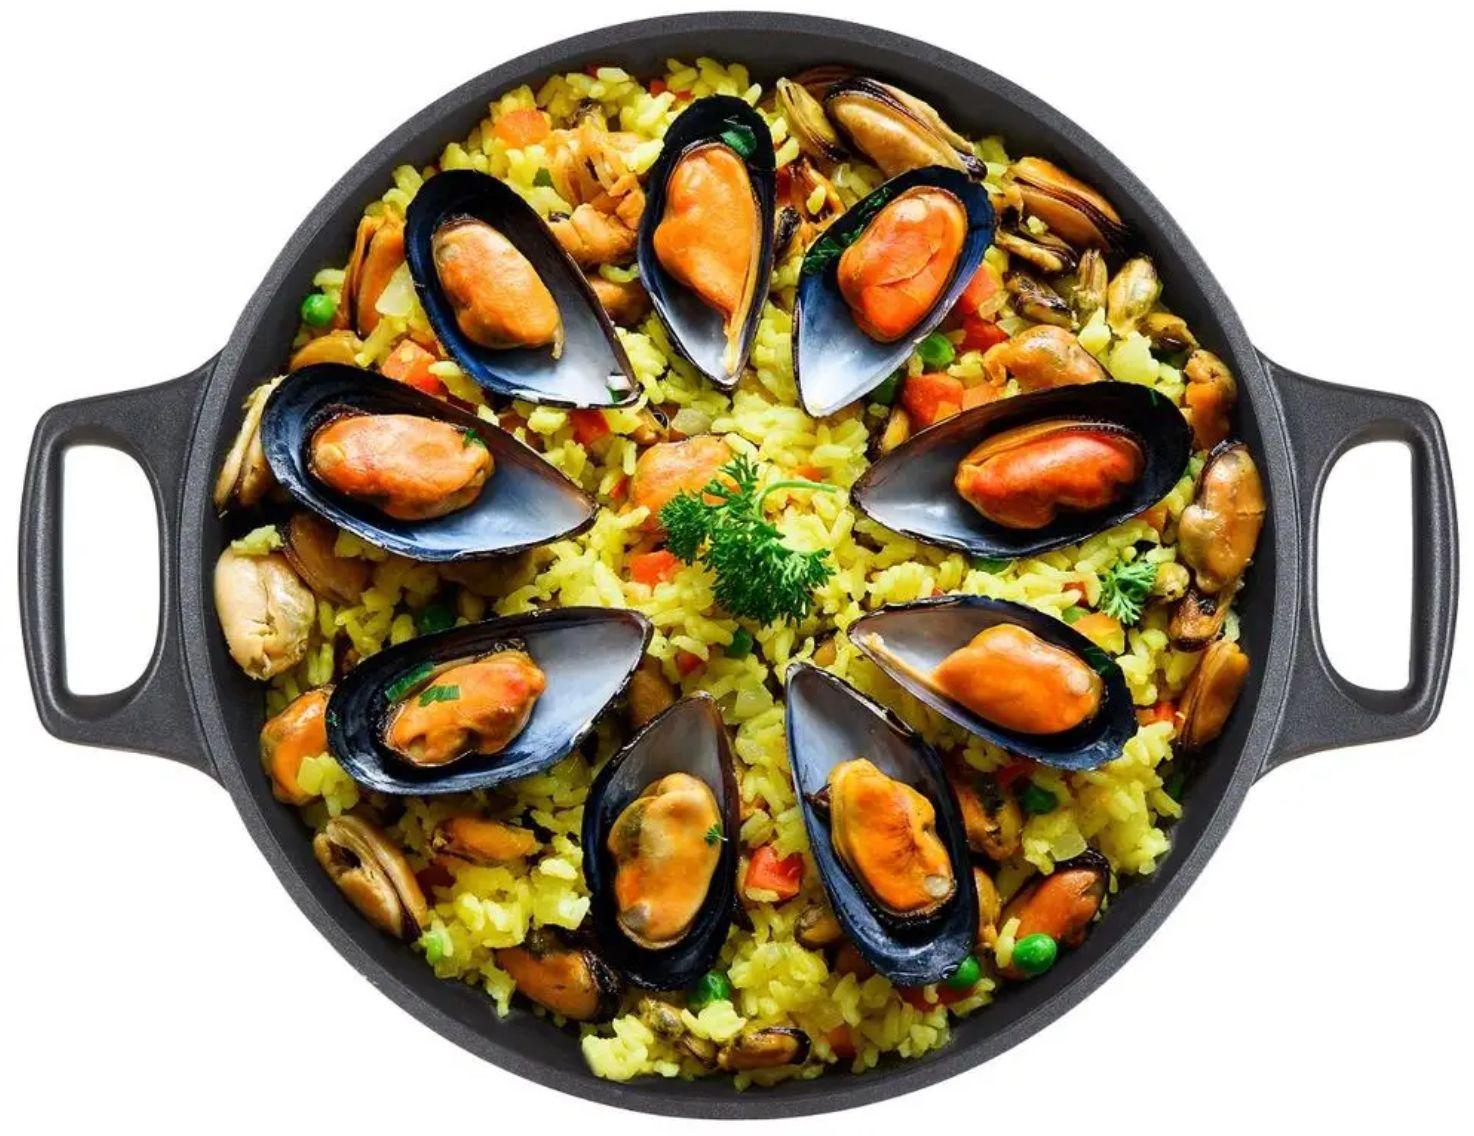 Pánev Paella s nepřilnavým povrchem ALIVIA 32 x 4,5 cm španělská pánev na španělské rizoto, na paellu Banquet